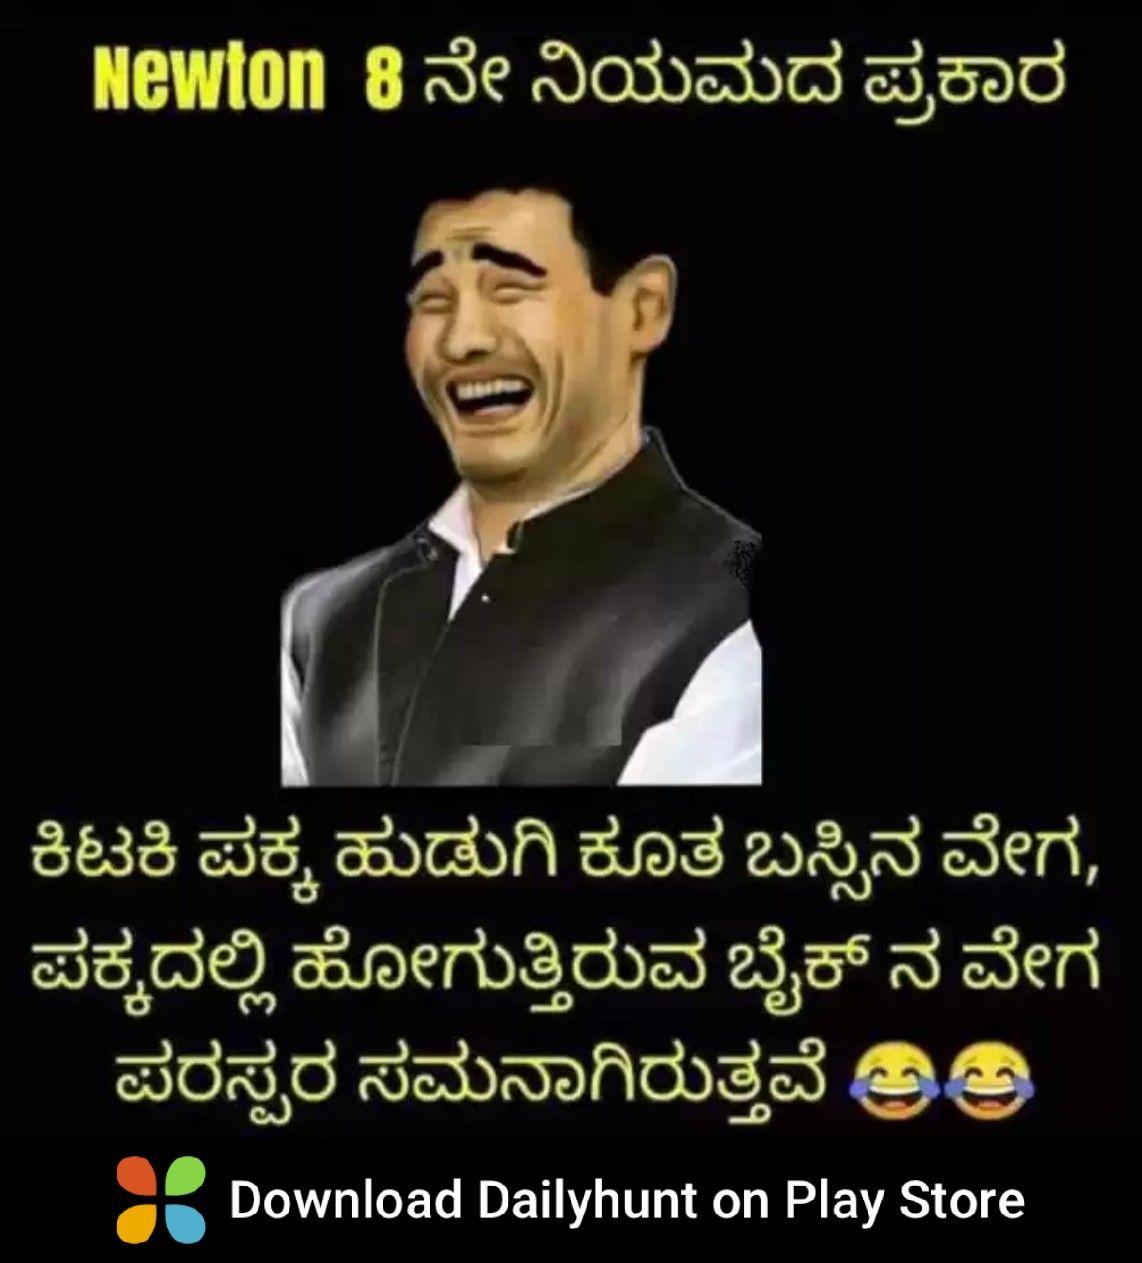 Pin By Shivu 95 On Daily Hunt Funny Jokes Jokes Funny